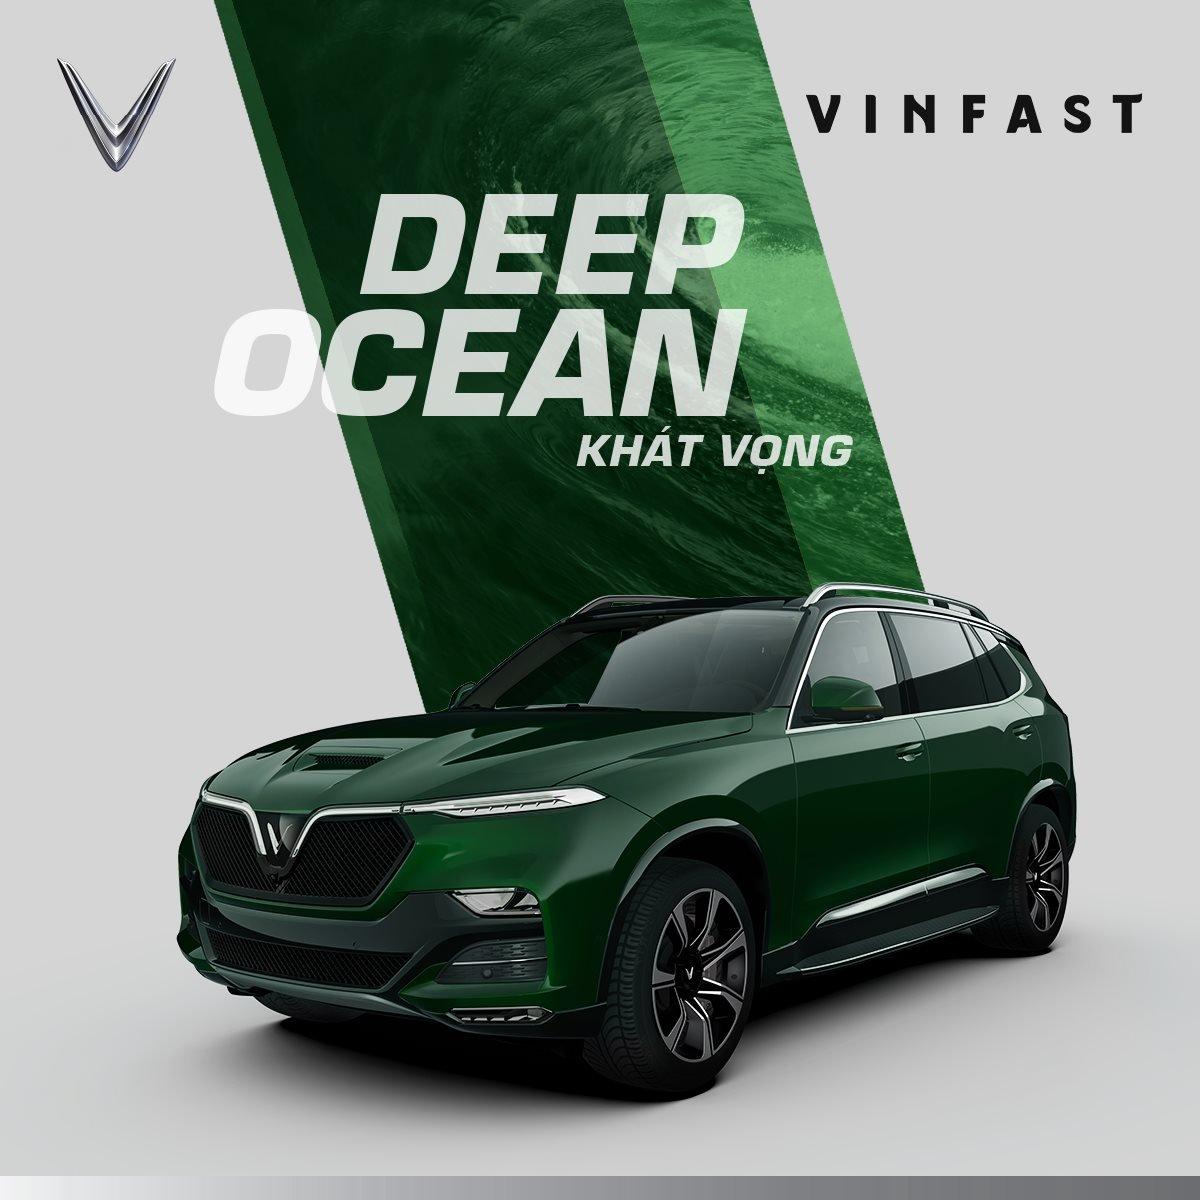 VinFast President màu xanh lá cây.